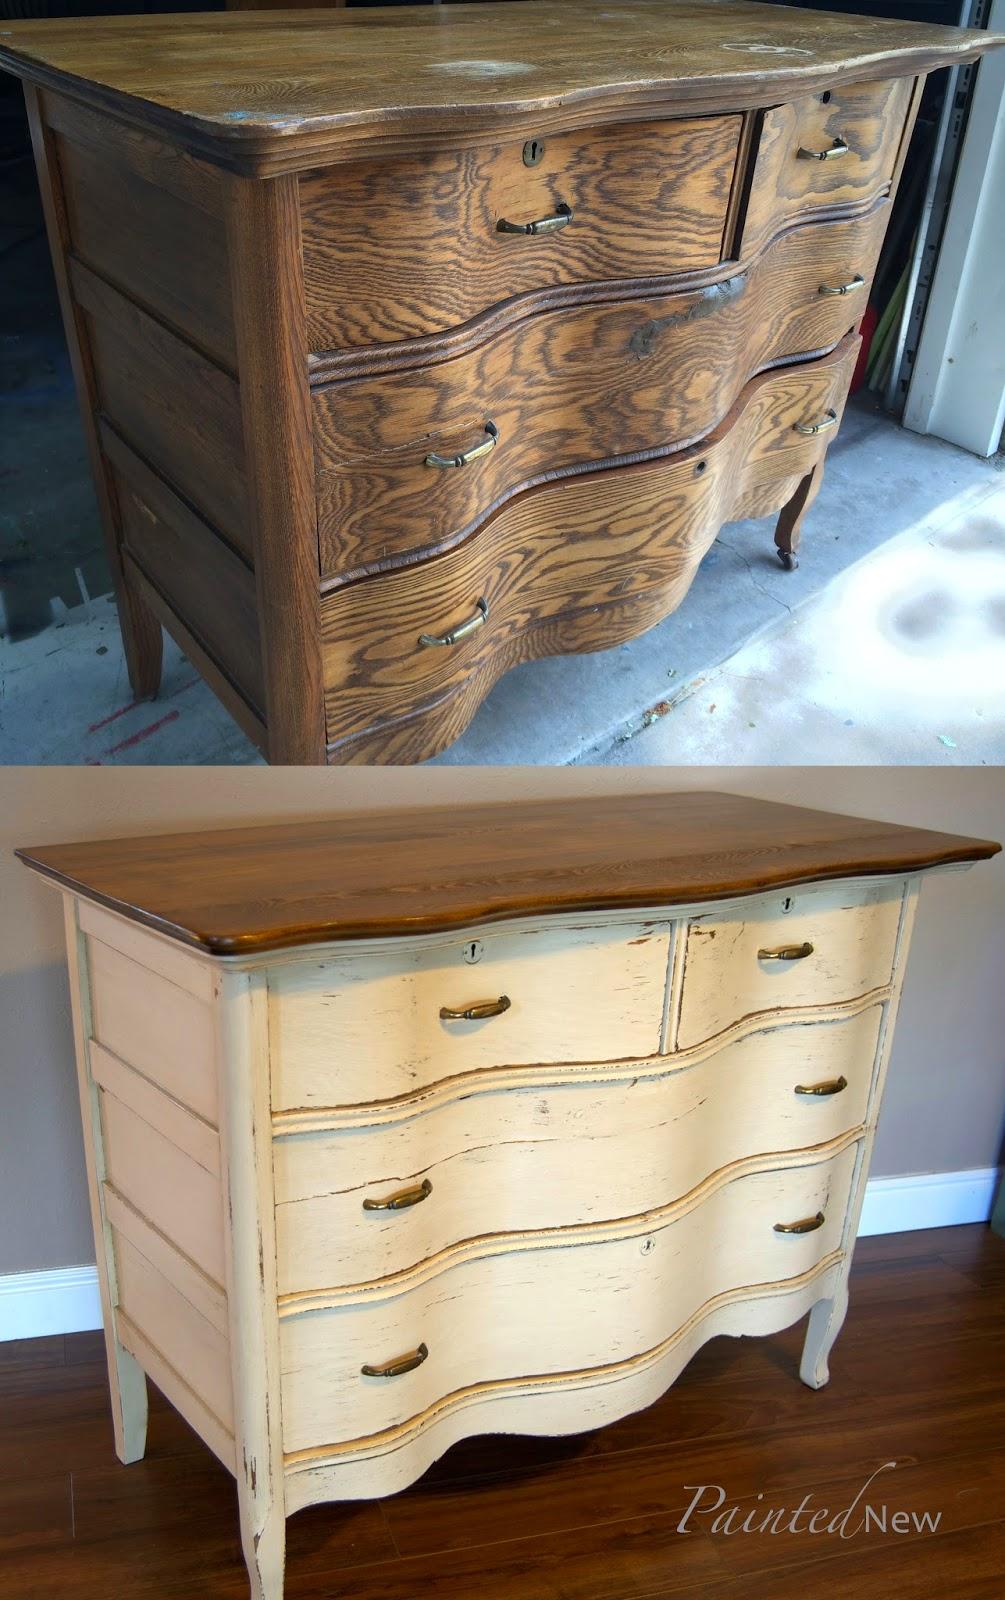 Painted New Antique Quot Shaker Quot Dresser